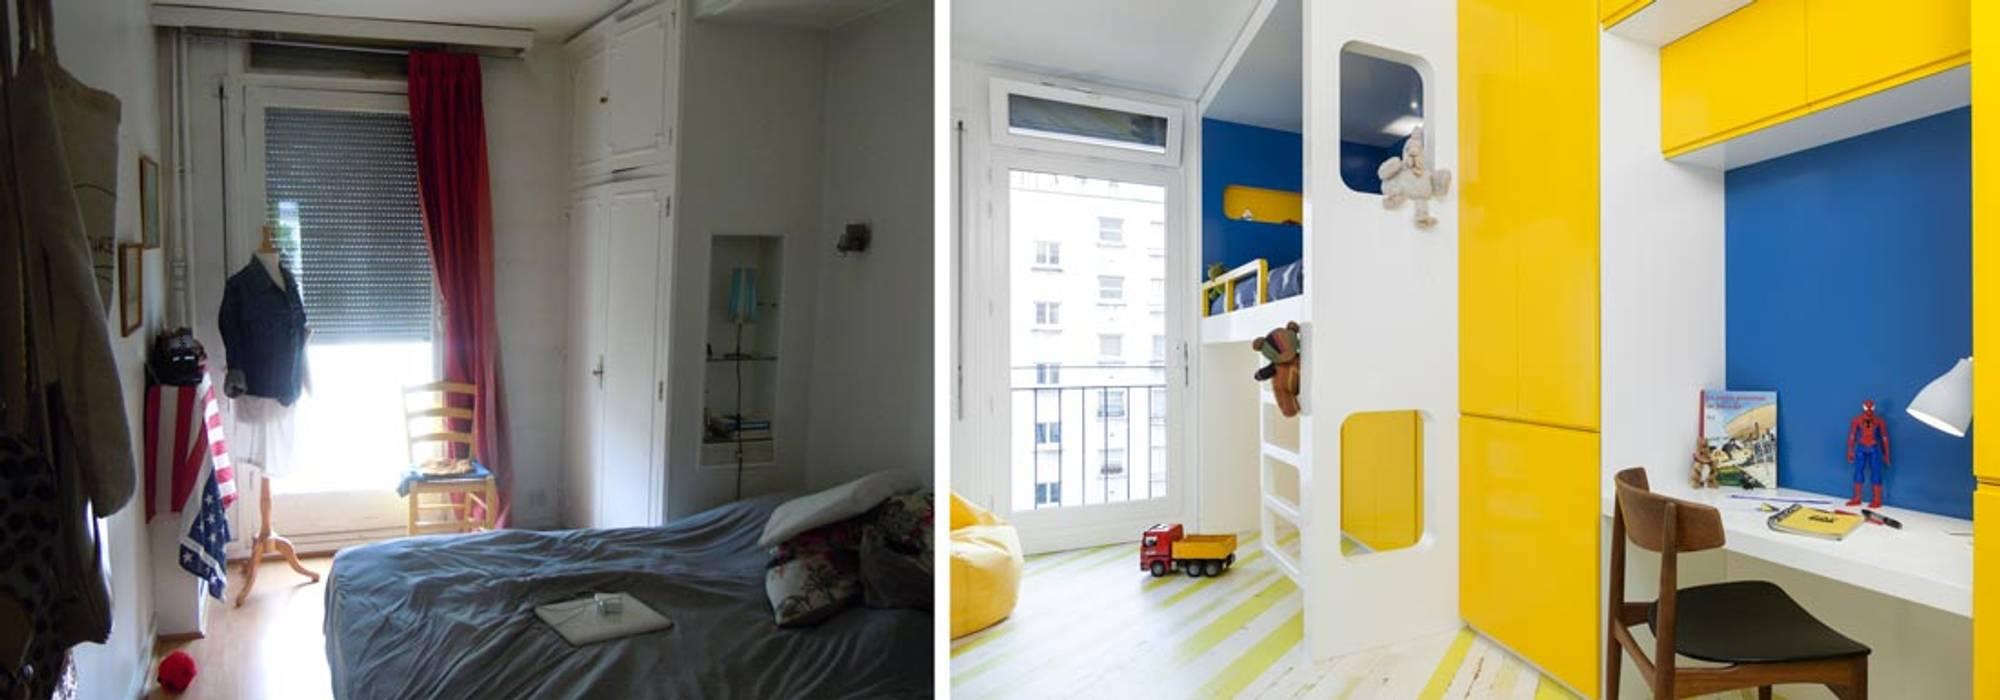 appartement ludique 70m2: de style par créateurs d'interieur | homify